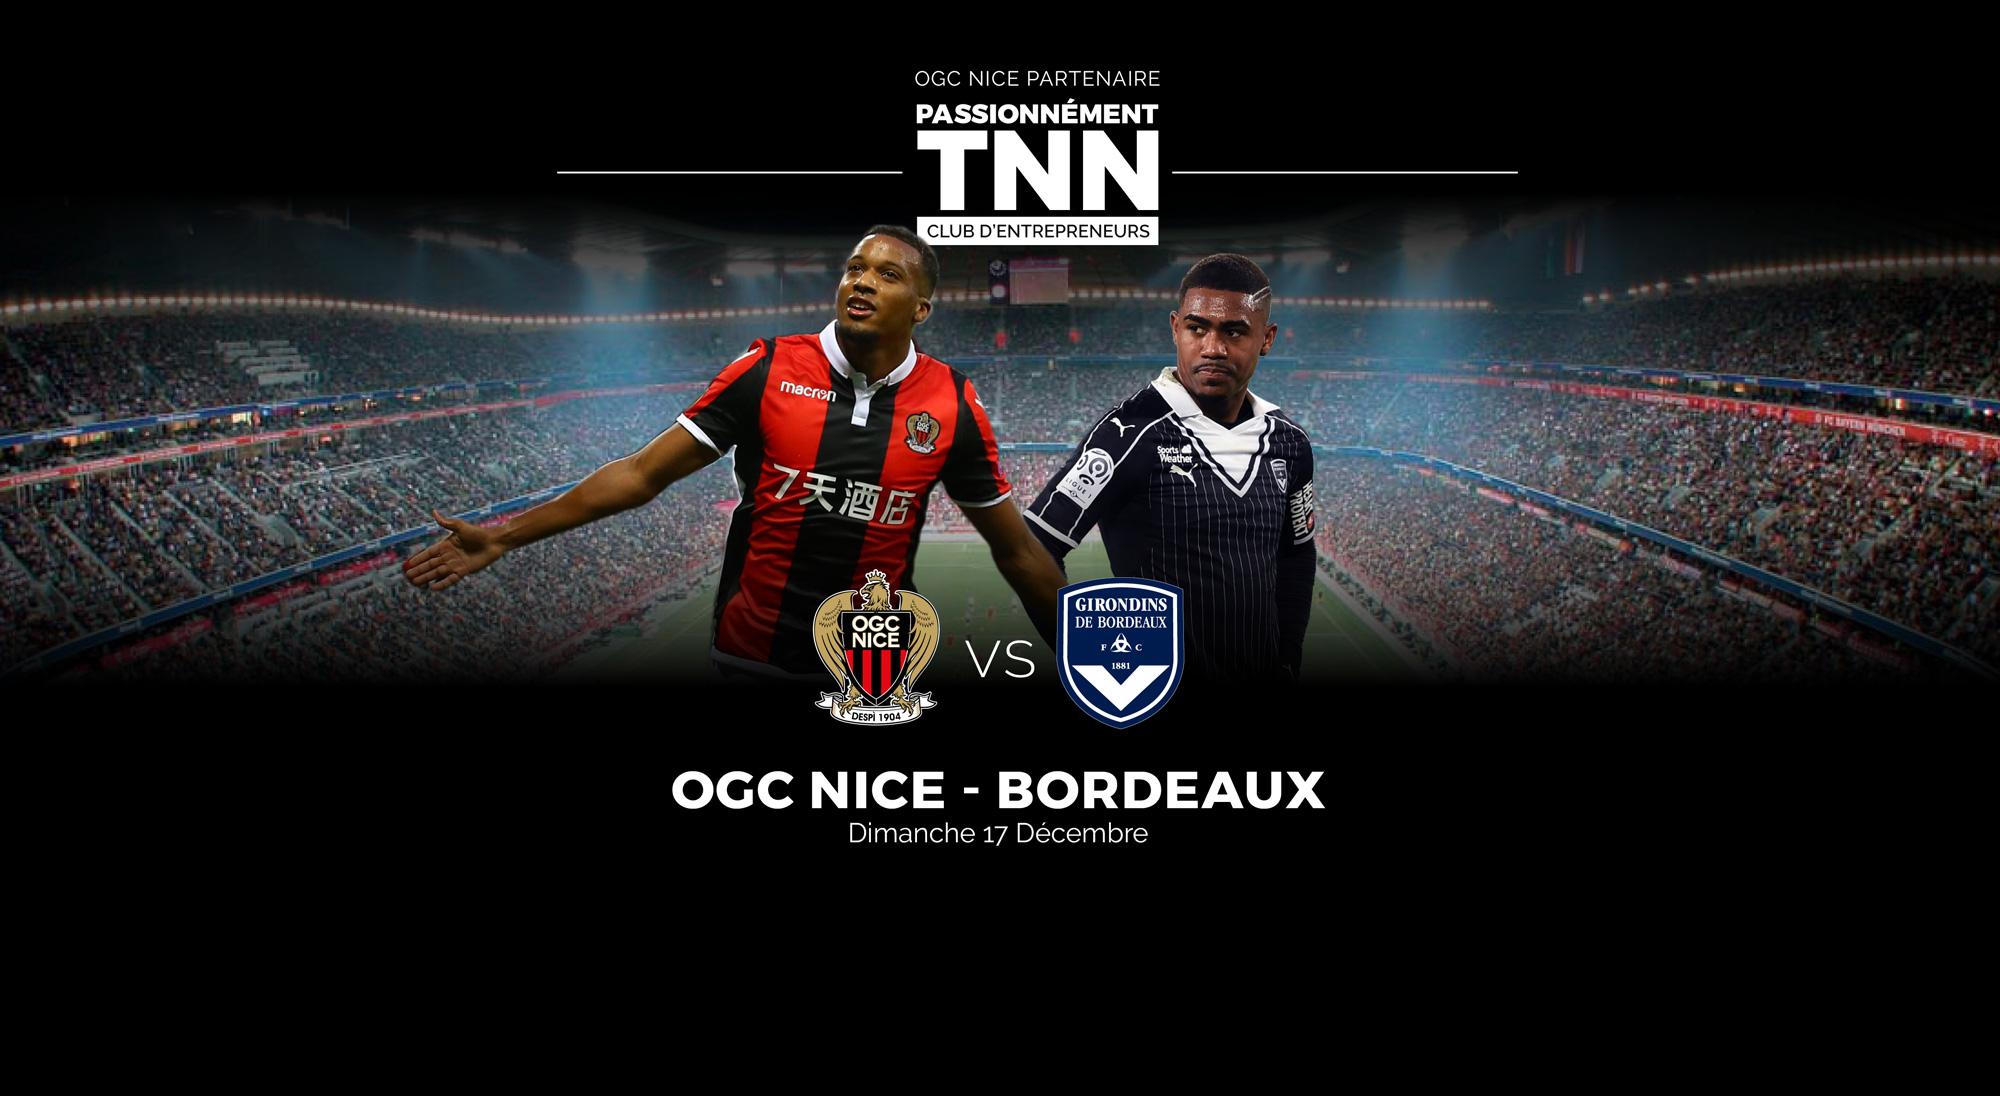 OGC NICE – Bordeaux